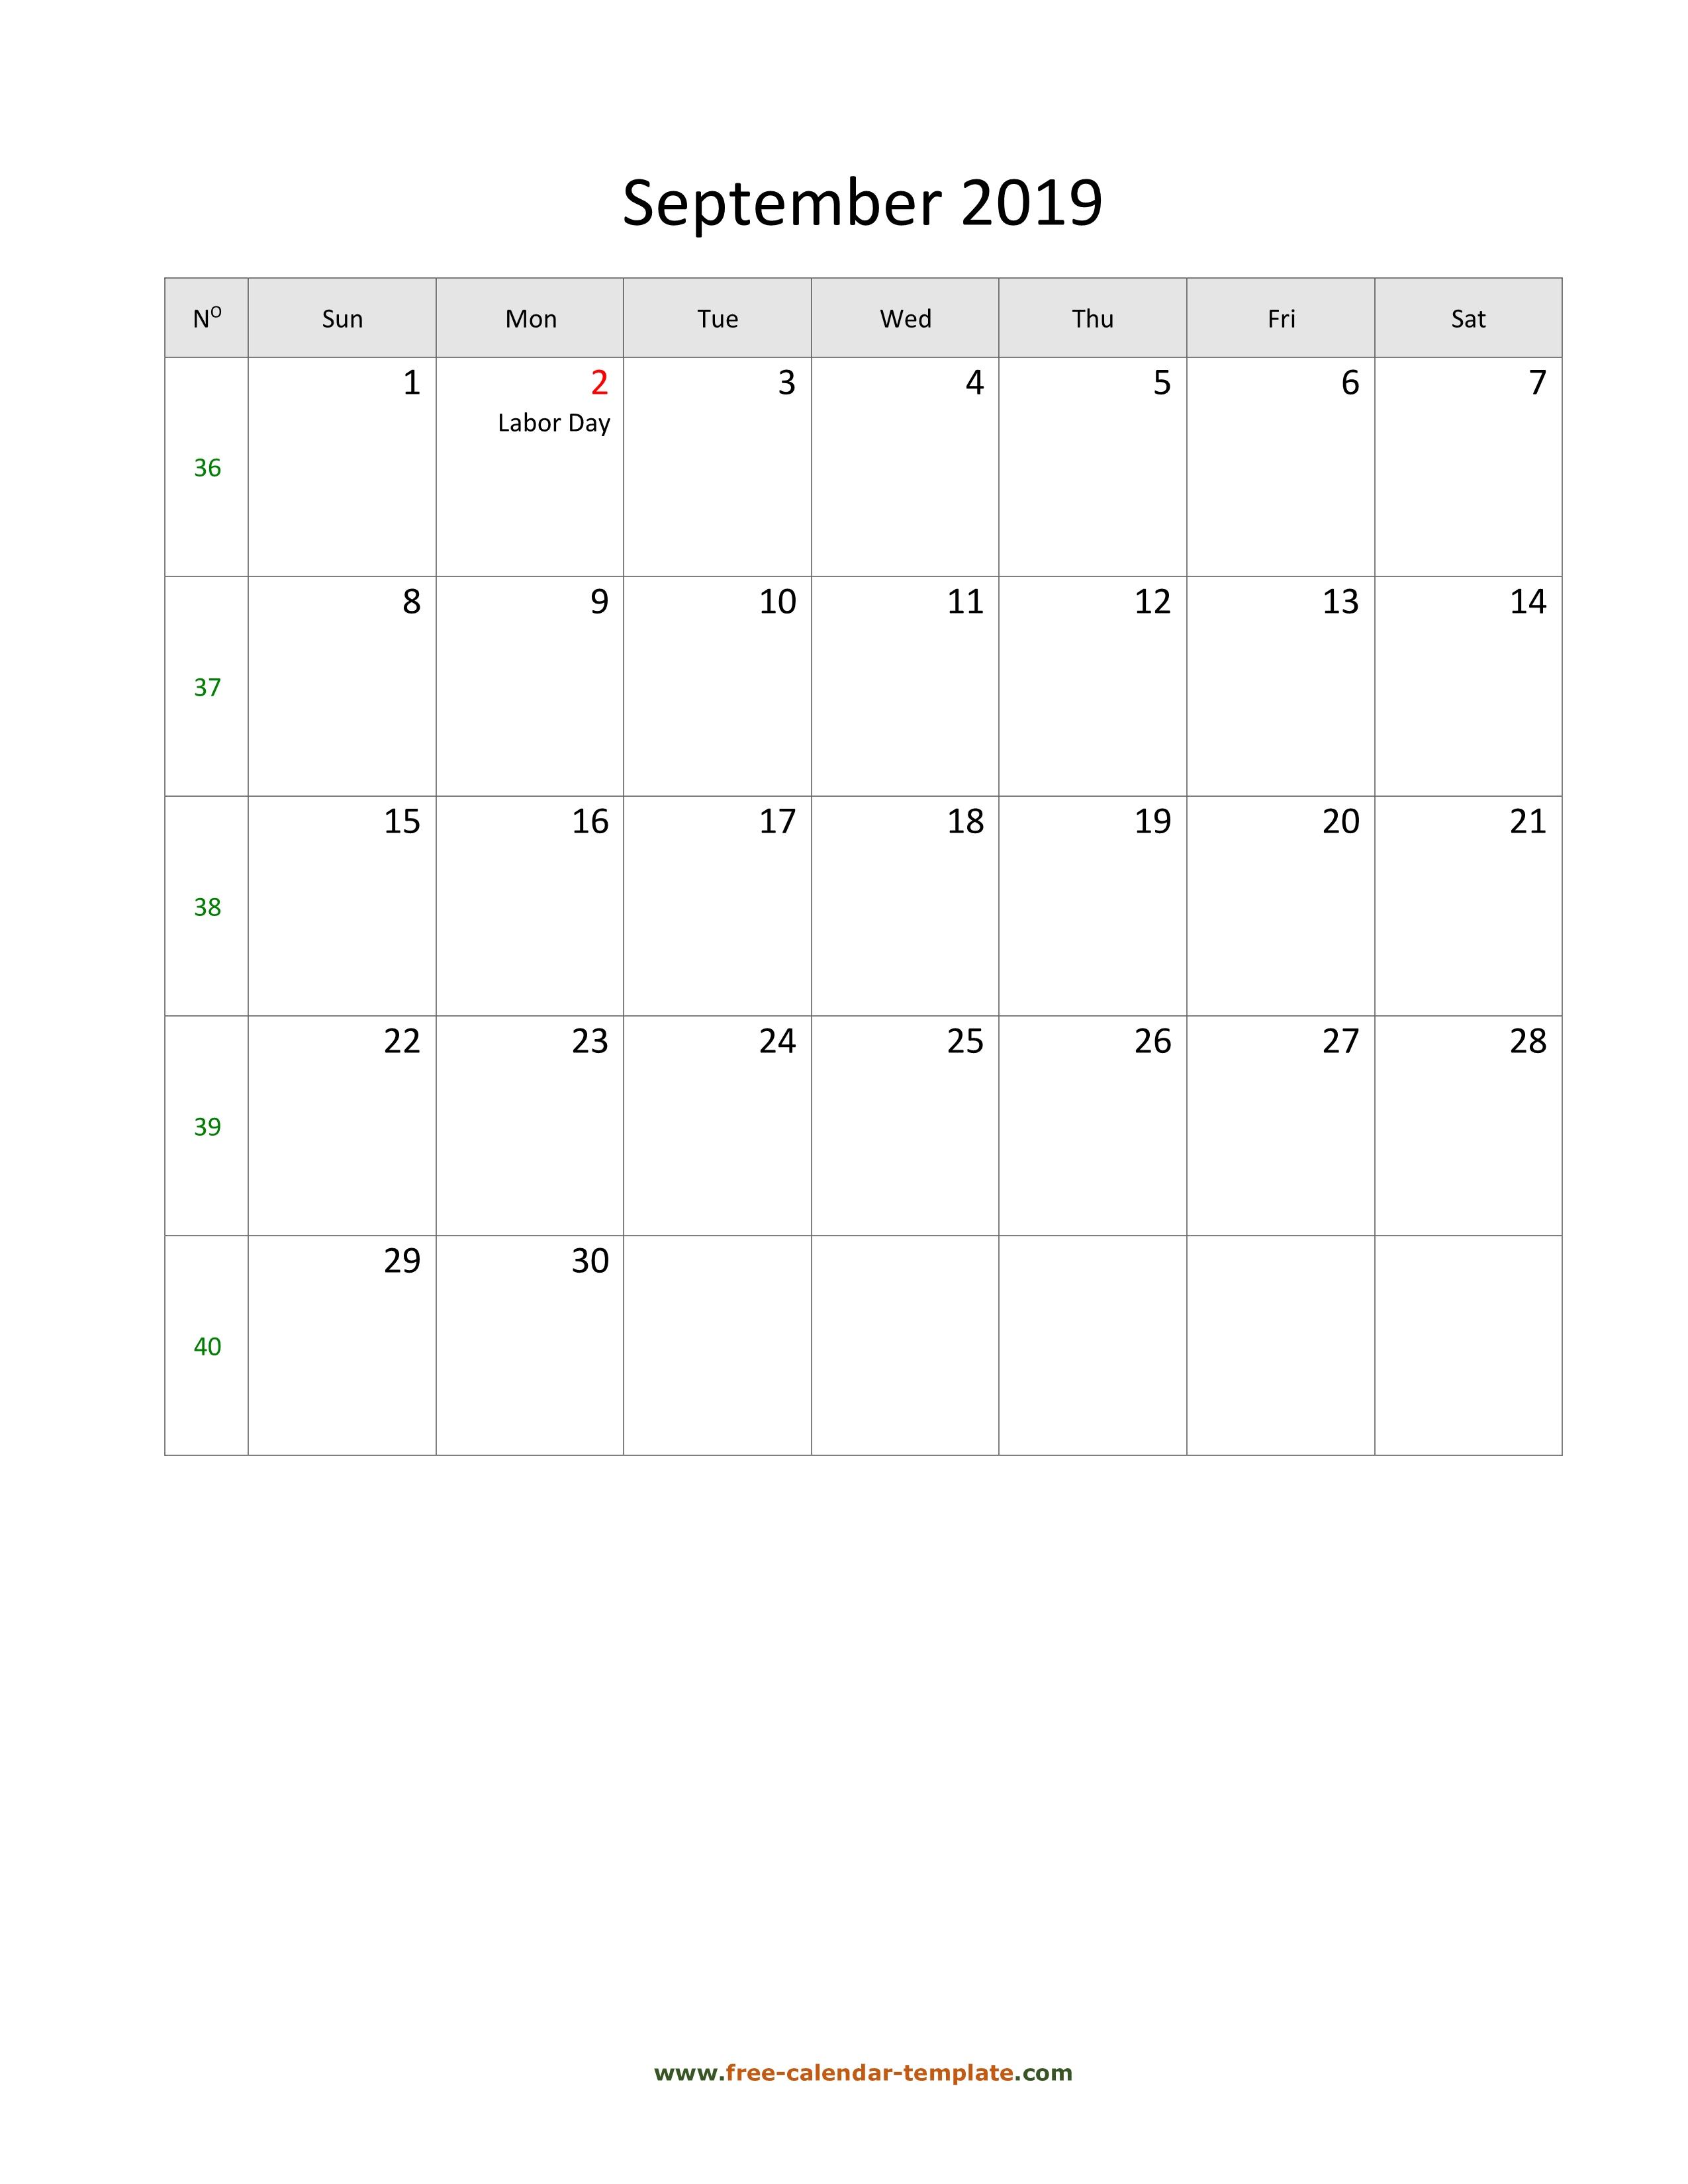 2019 September Calendar (Blank Vertical Template) | Free